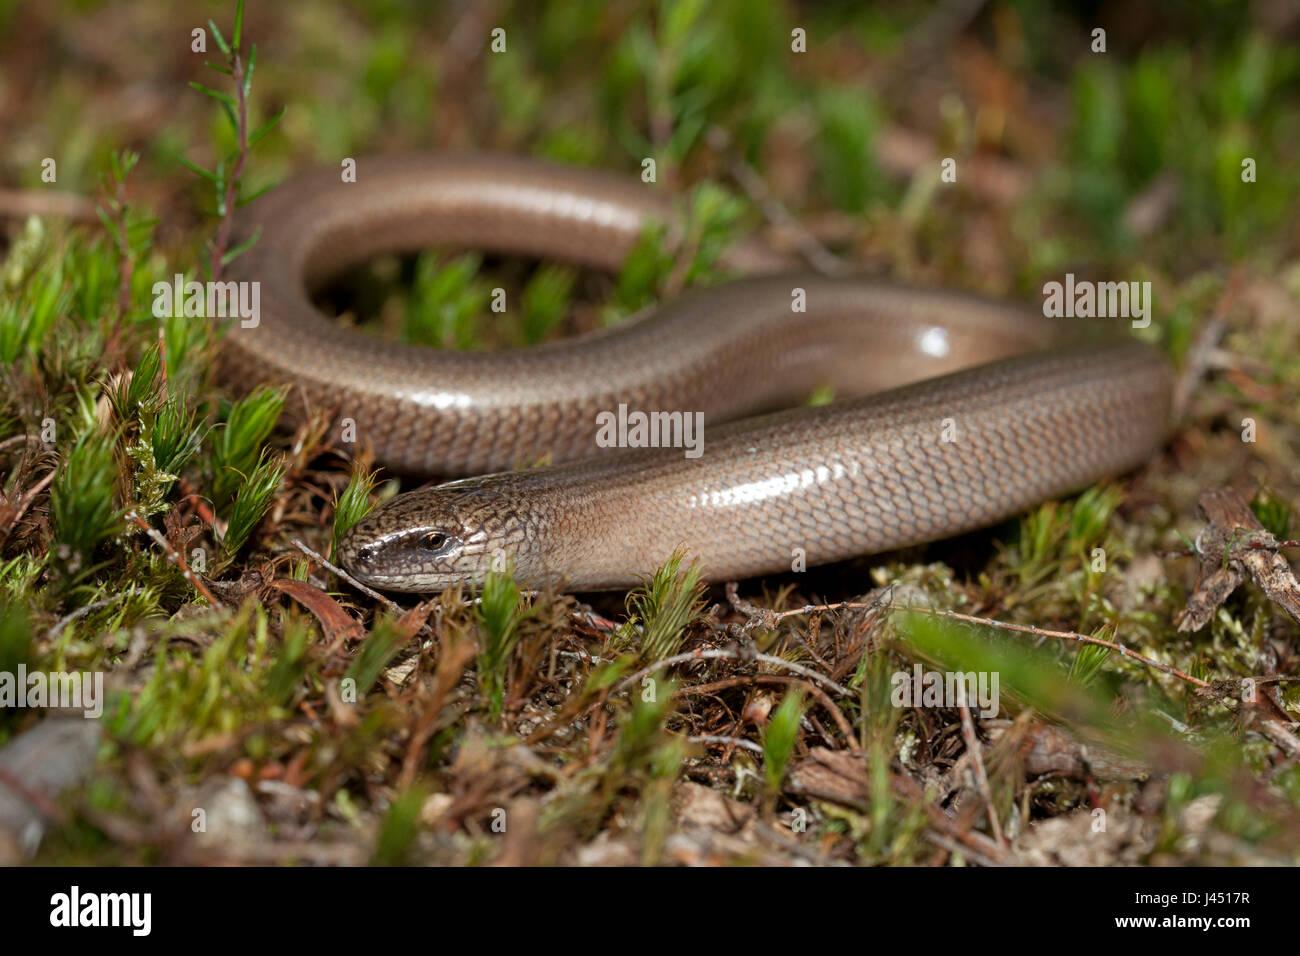 slow worm basking - Stock Image